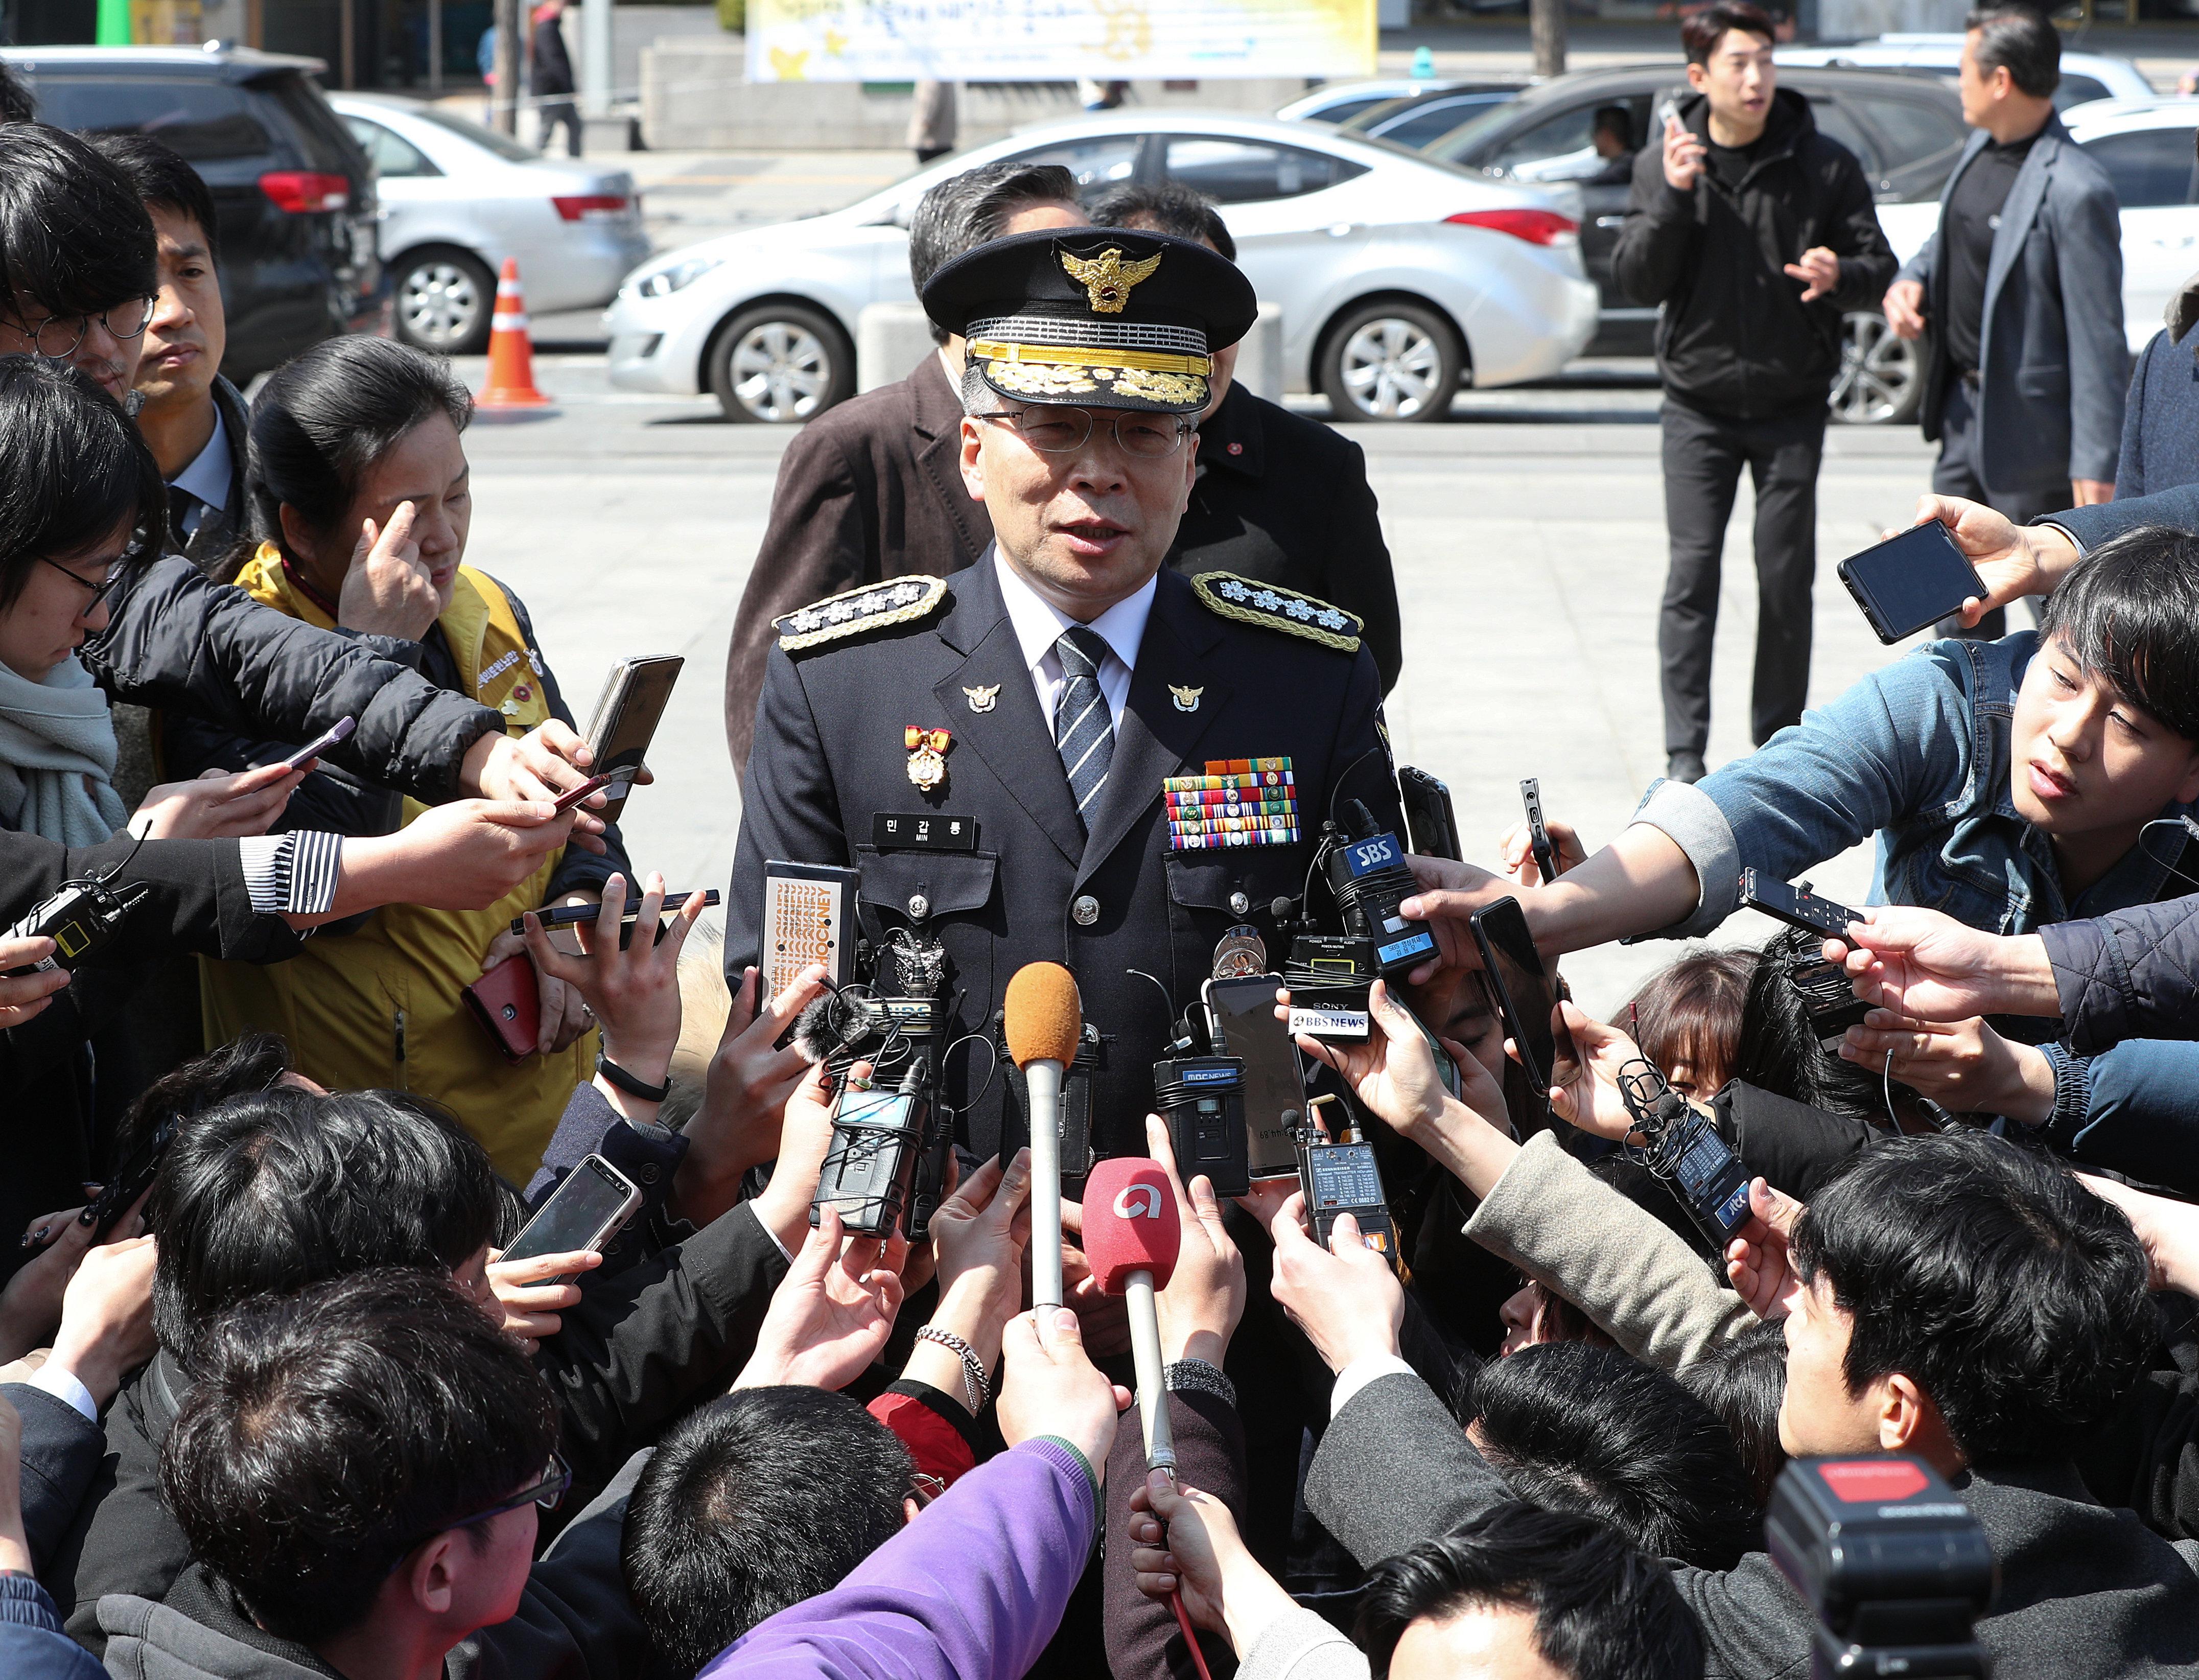 경찰청장이 제주 4.3사건에 대해 처음으로 공식